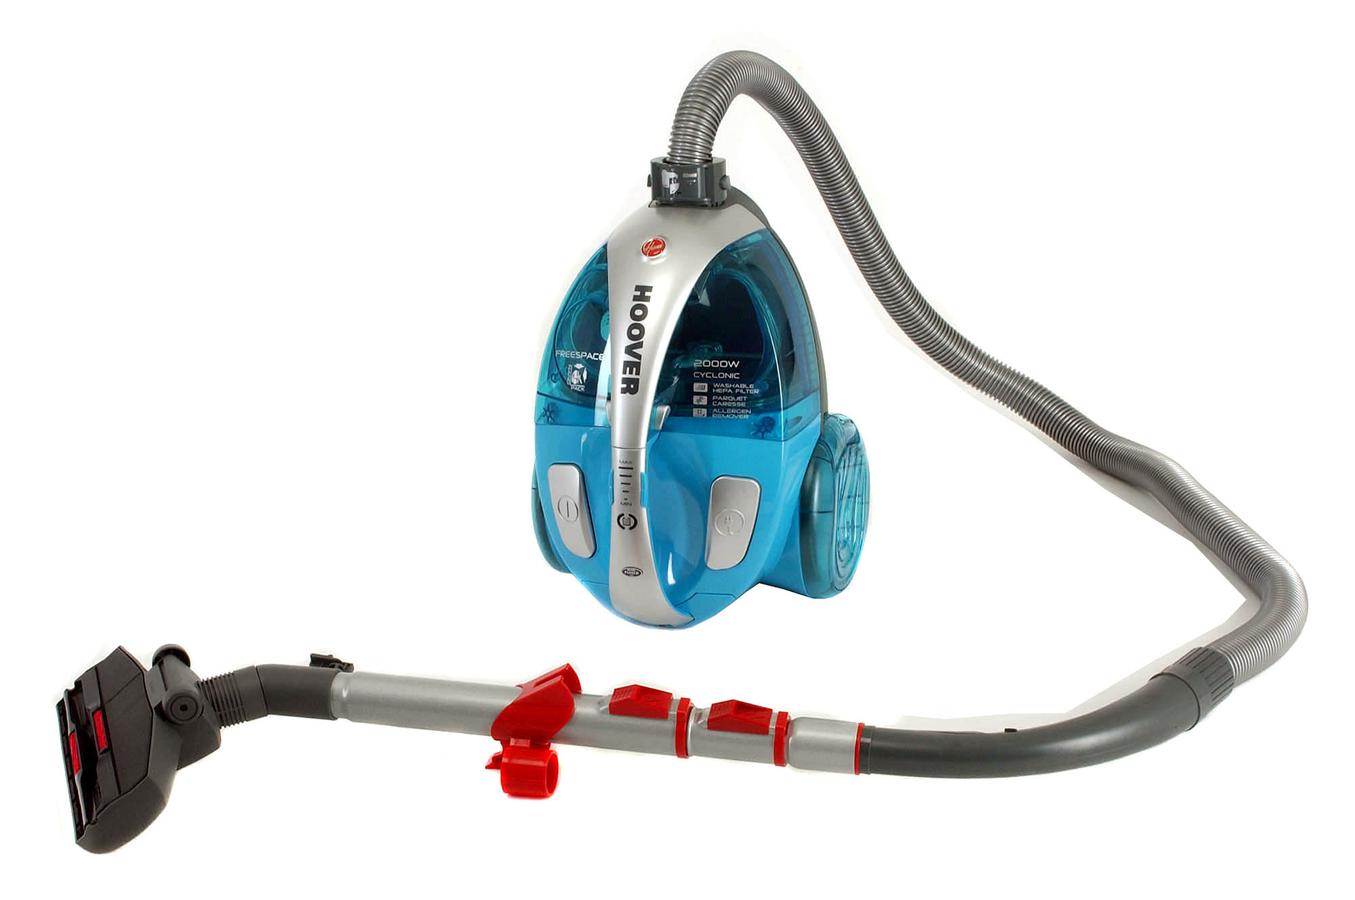 Aspirateur sans sac hoover tfs 7208 tfs7208 2449374 darty - Petit aspirateur sans sac ...